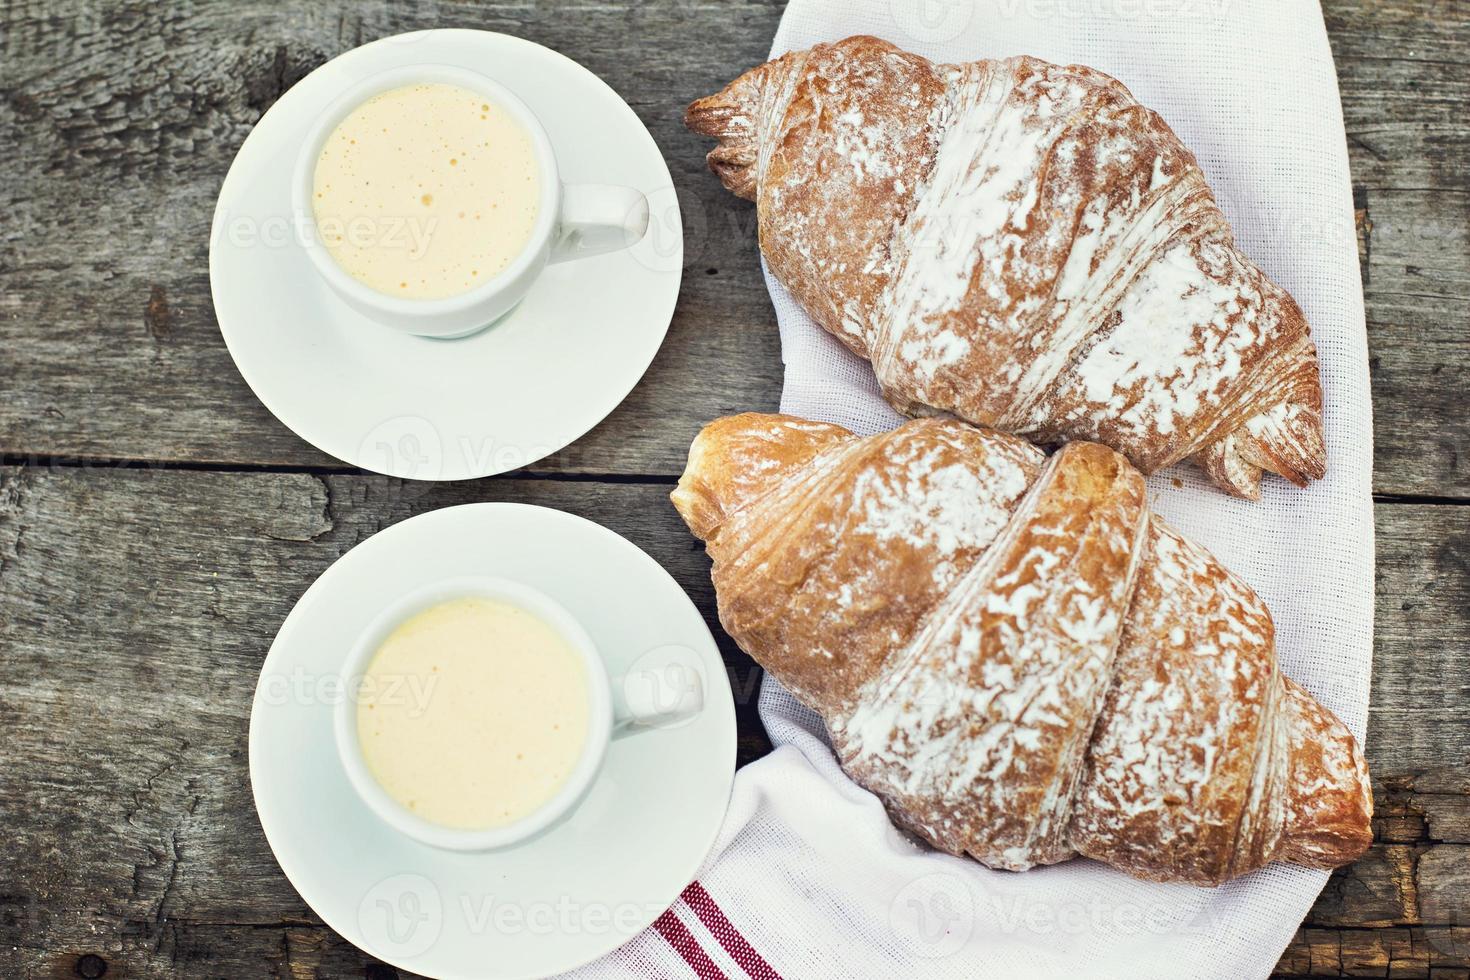 """kopje koffie """"espresso"""" en croissant. foto"""